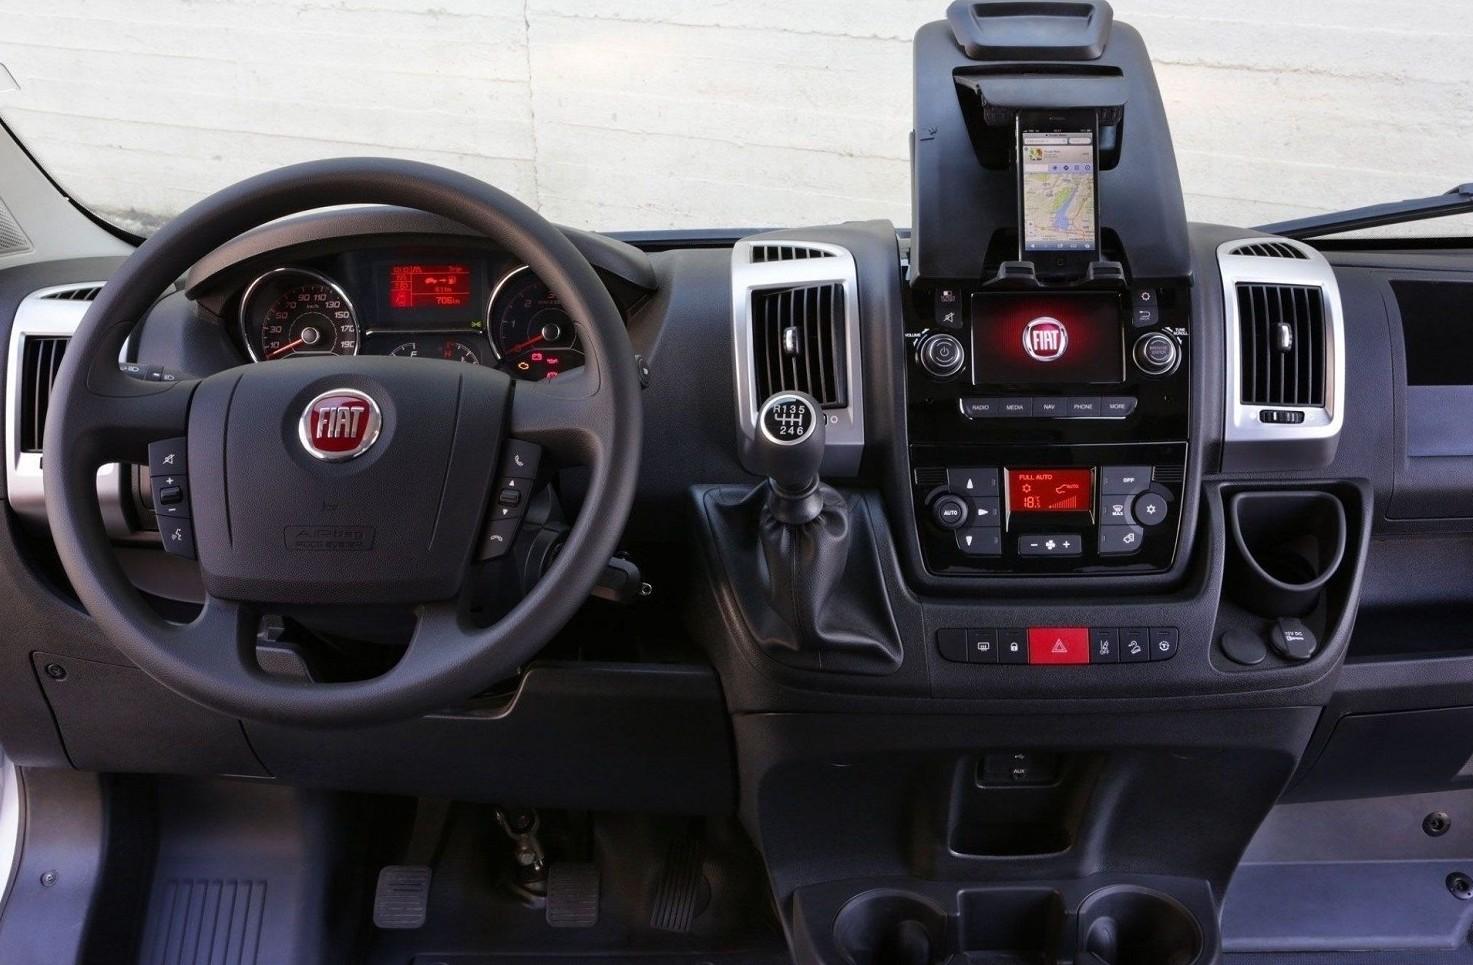 Fiat Ducato 2019-2020 come sarà il nuovo